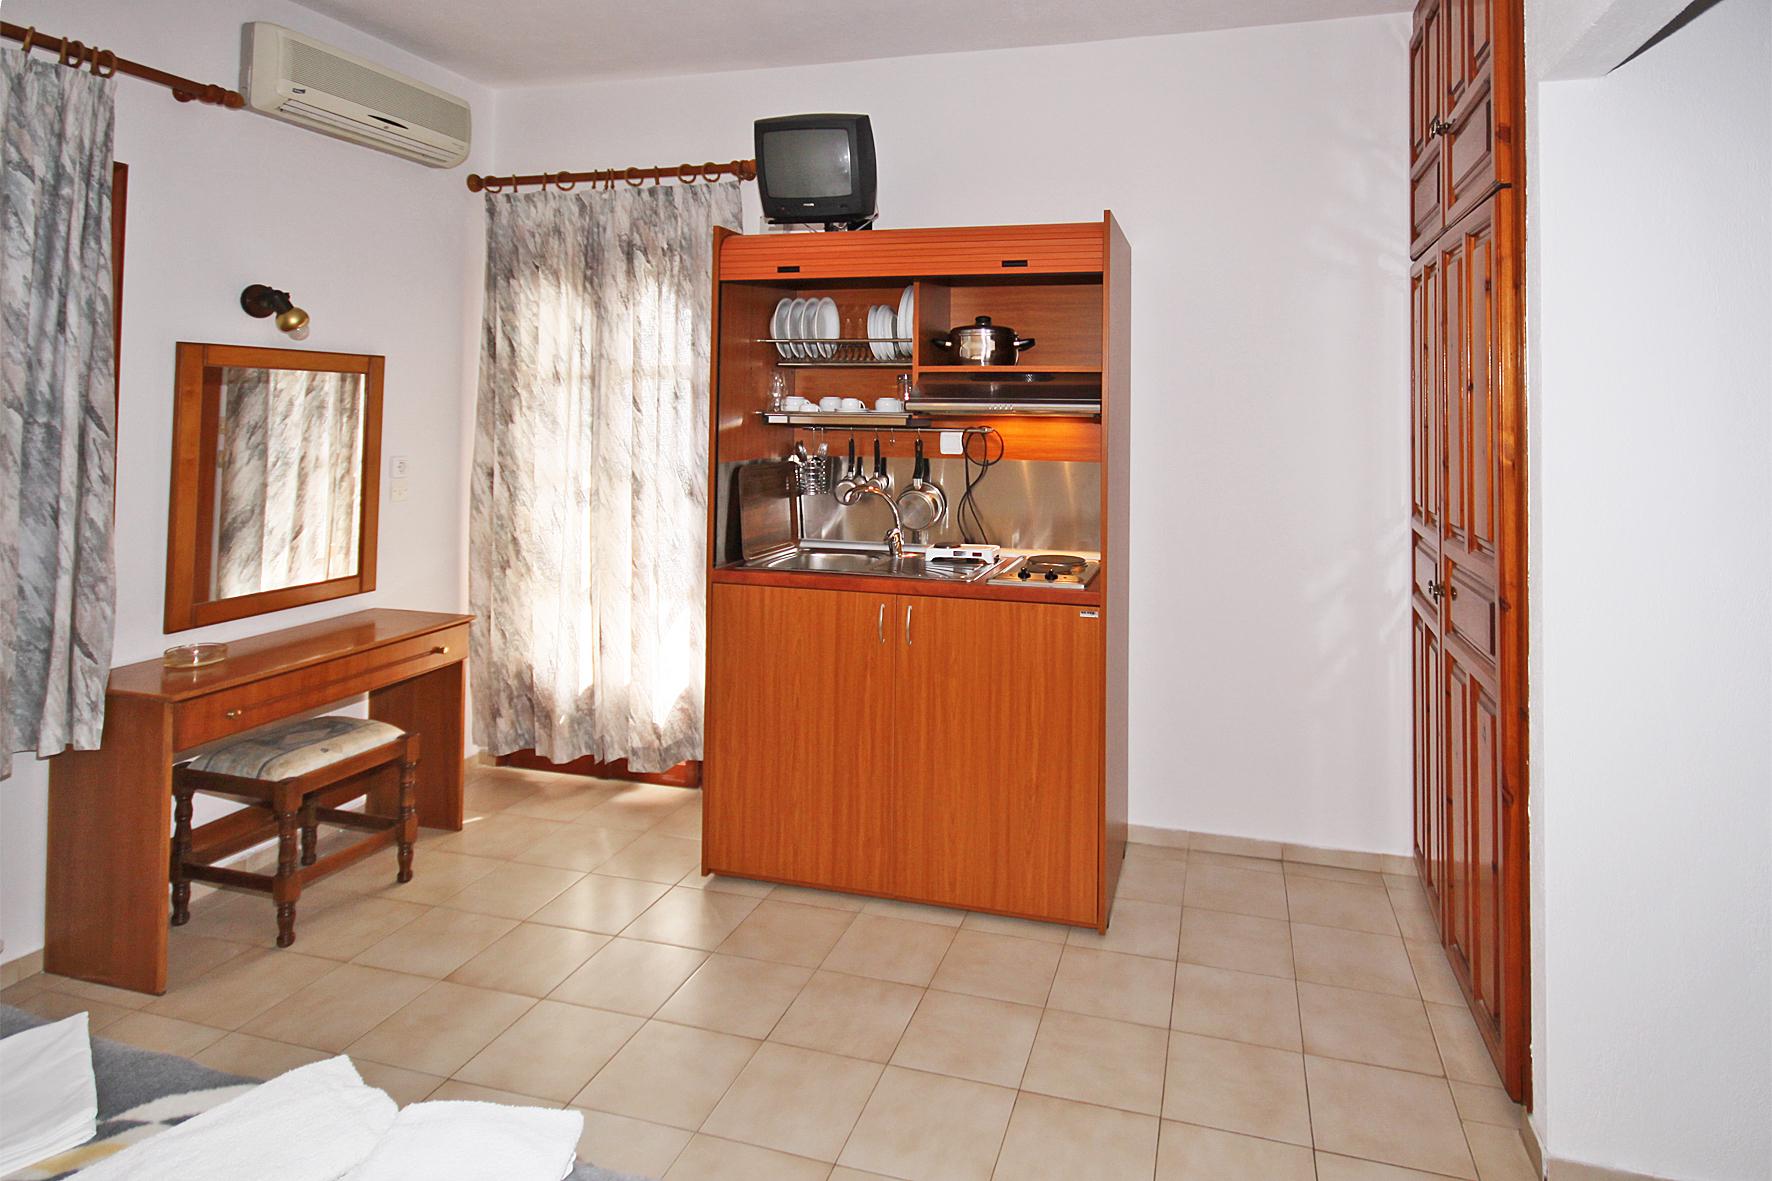 2beds-room3